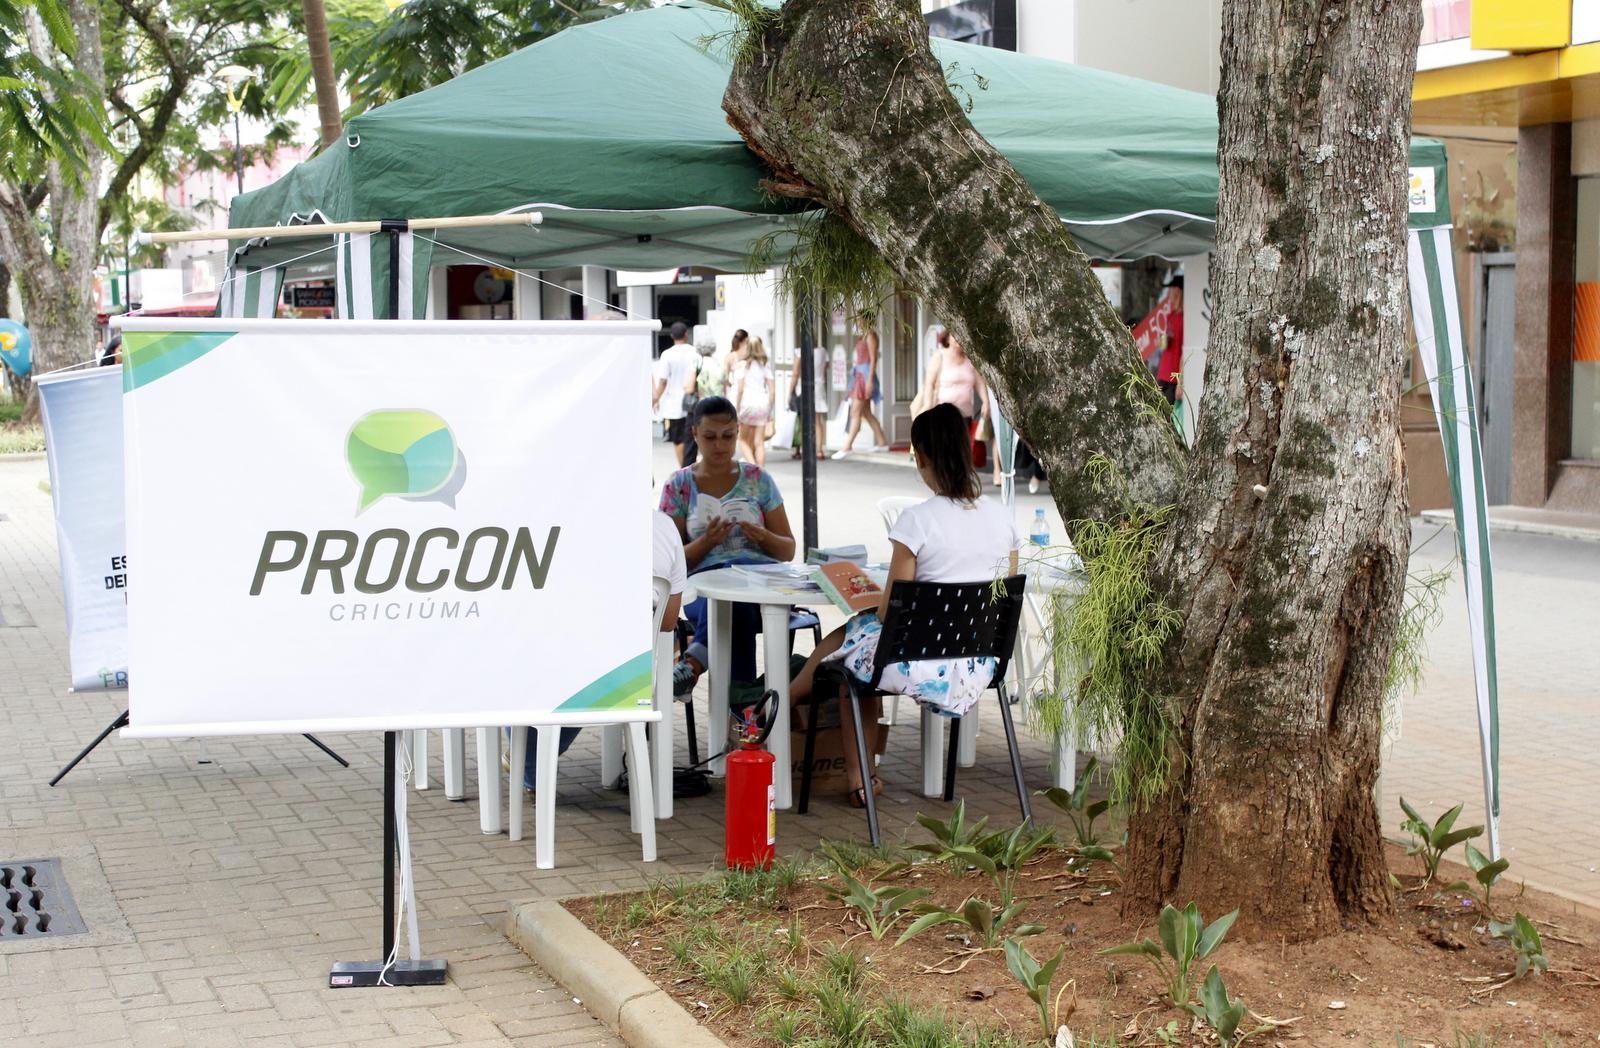 Procon de Criciúma lança site para agilizar atendimentos aos consumidores